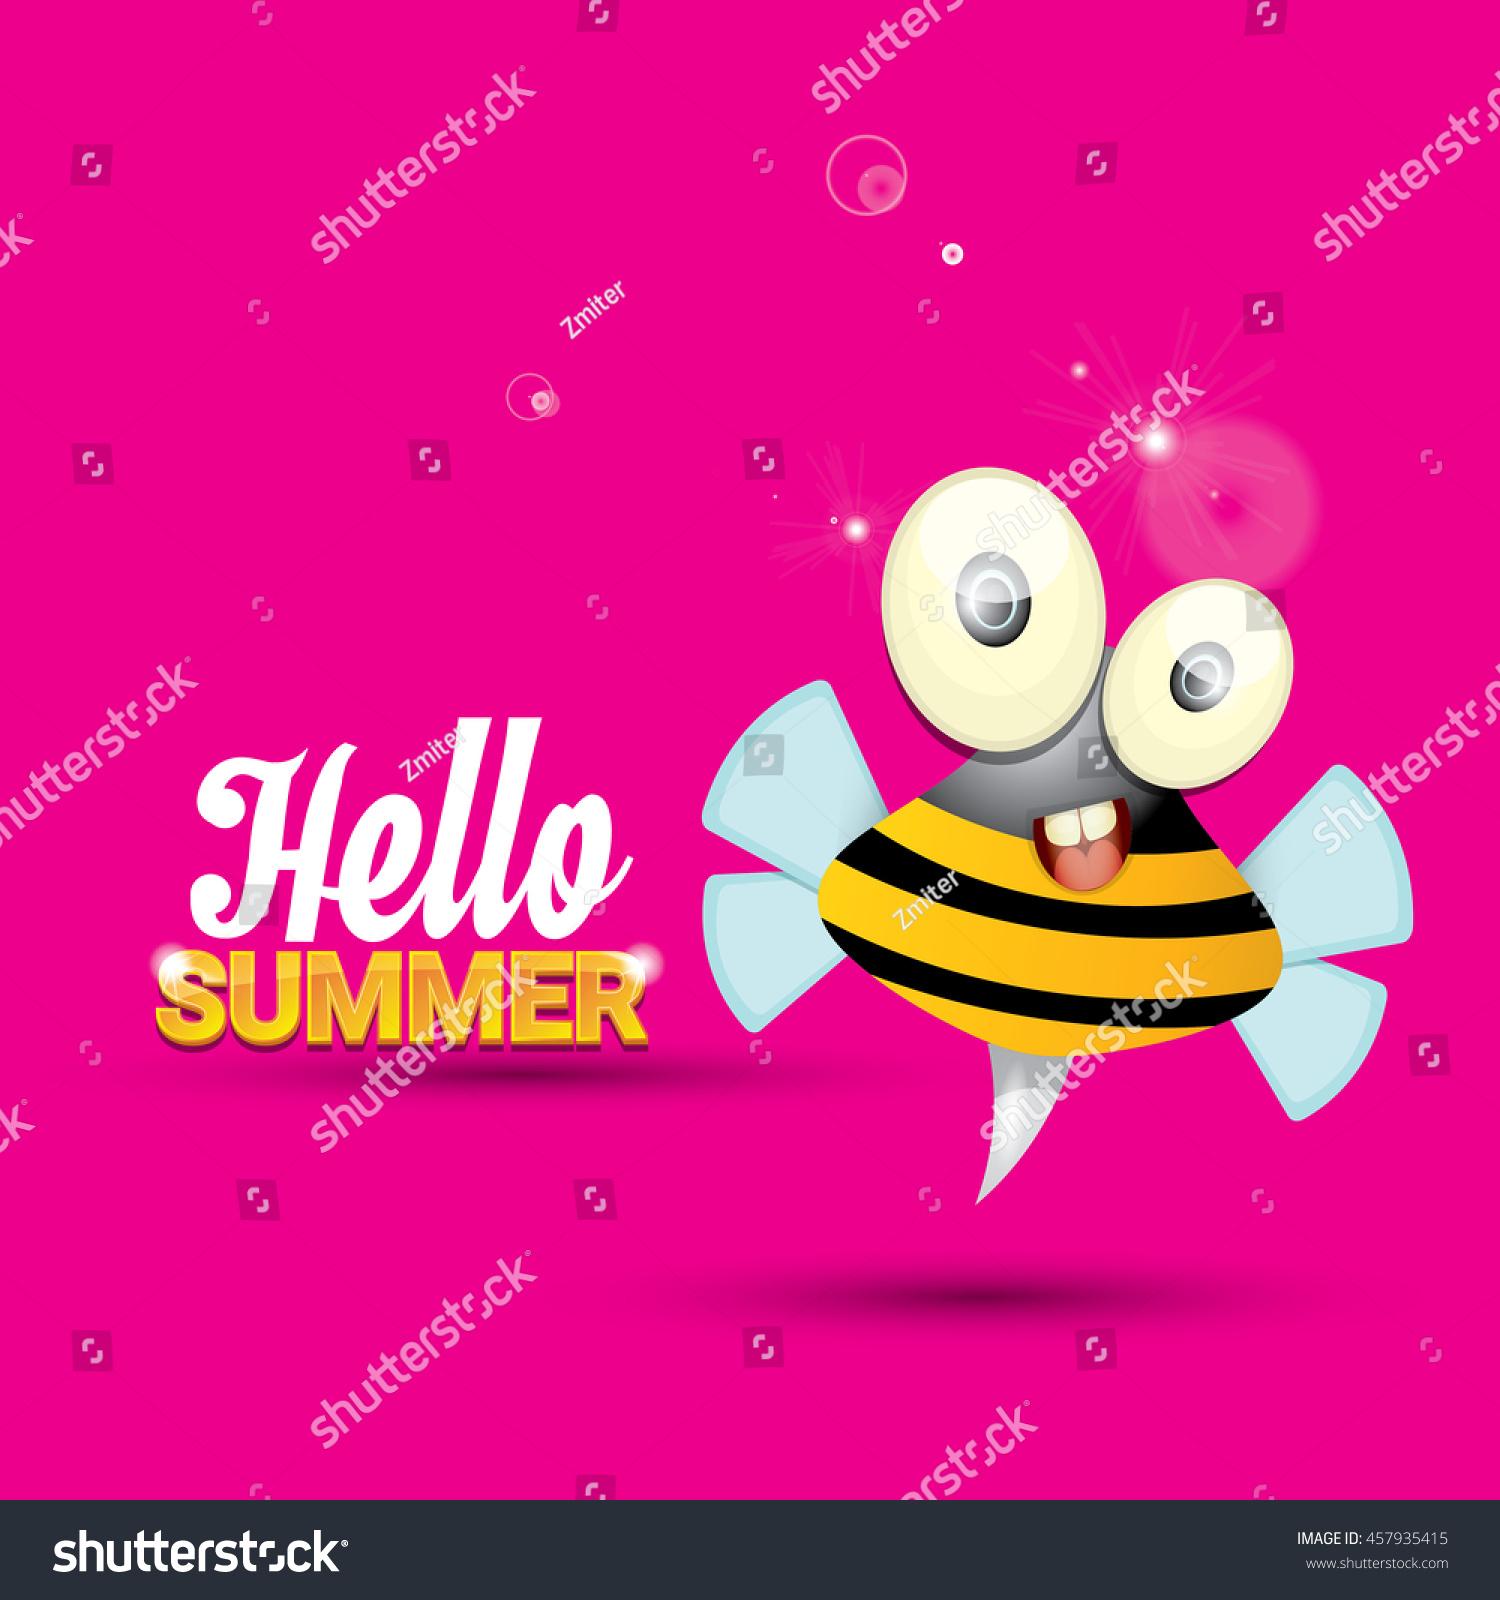 Hello Summer Vector Background Baby Bee Stock Vector 457935415 - Shutterstock